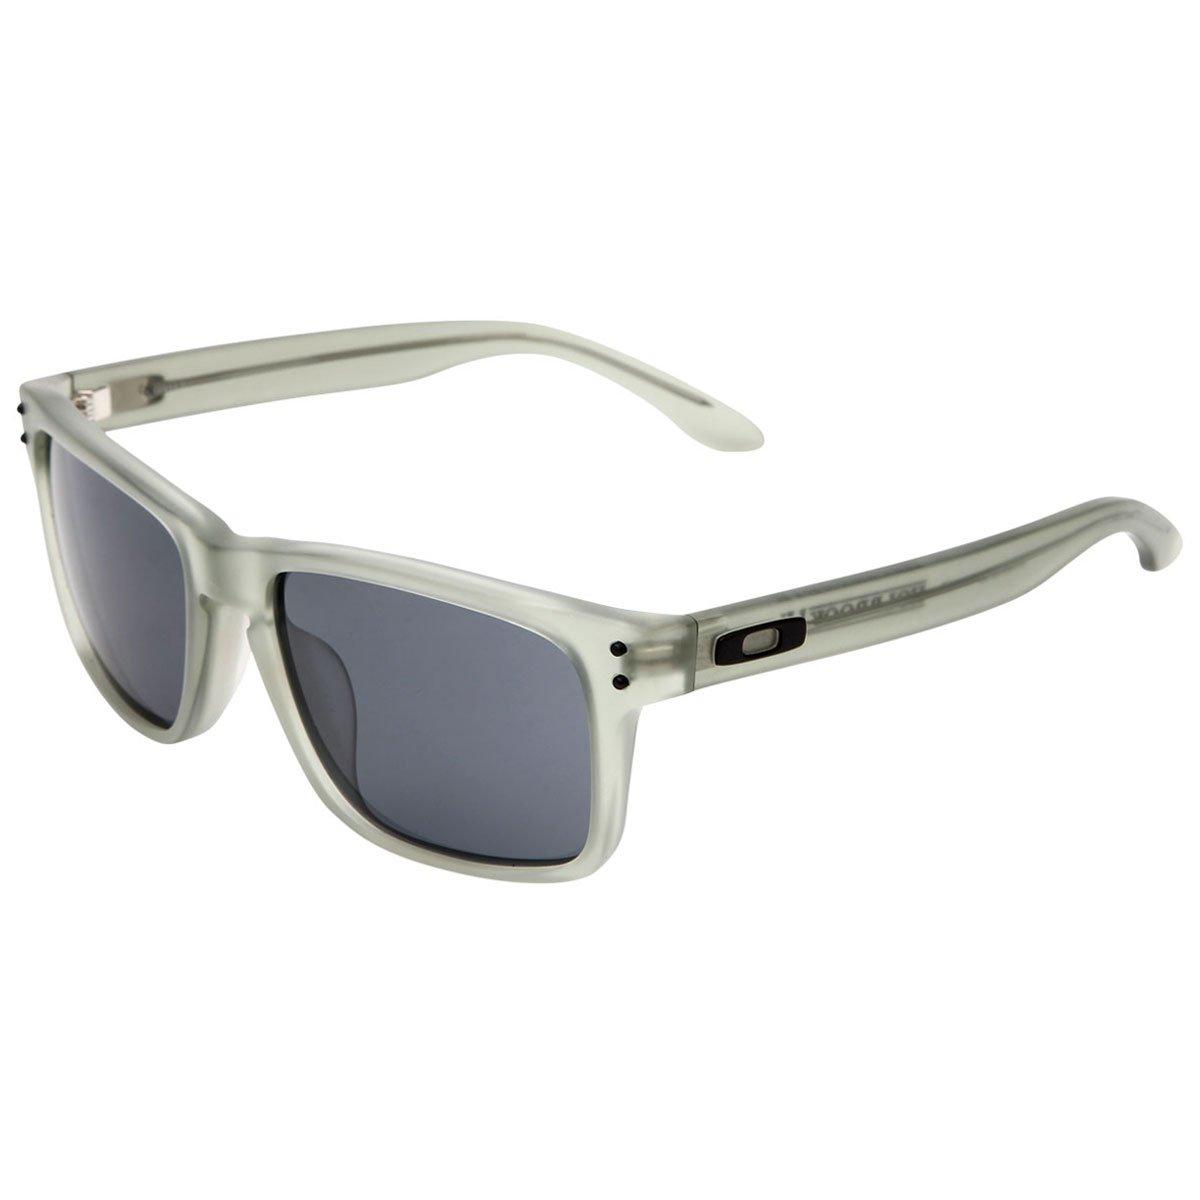 6c7aecea36047 Óculos Oakley Holbrook LX - Compre Agora   Netshoes